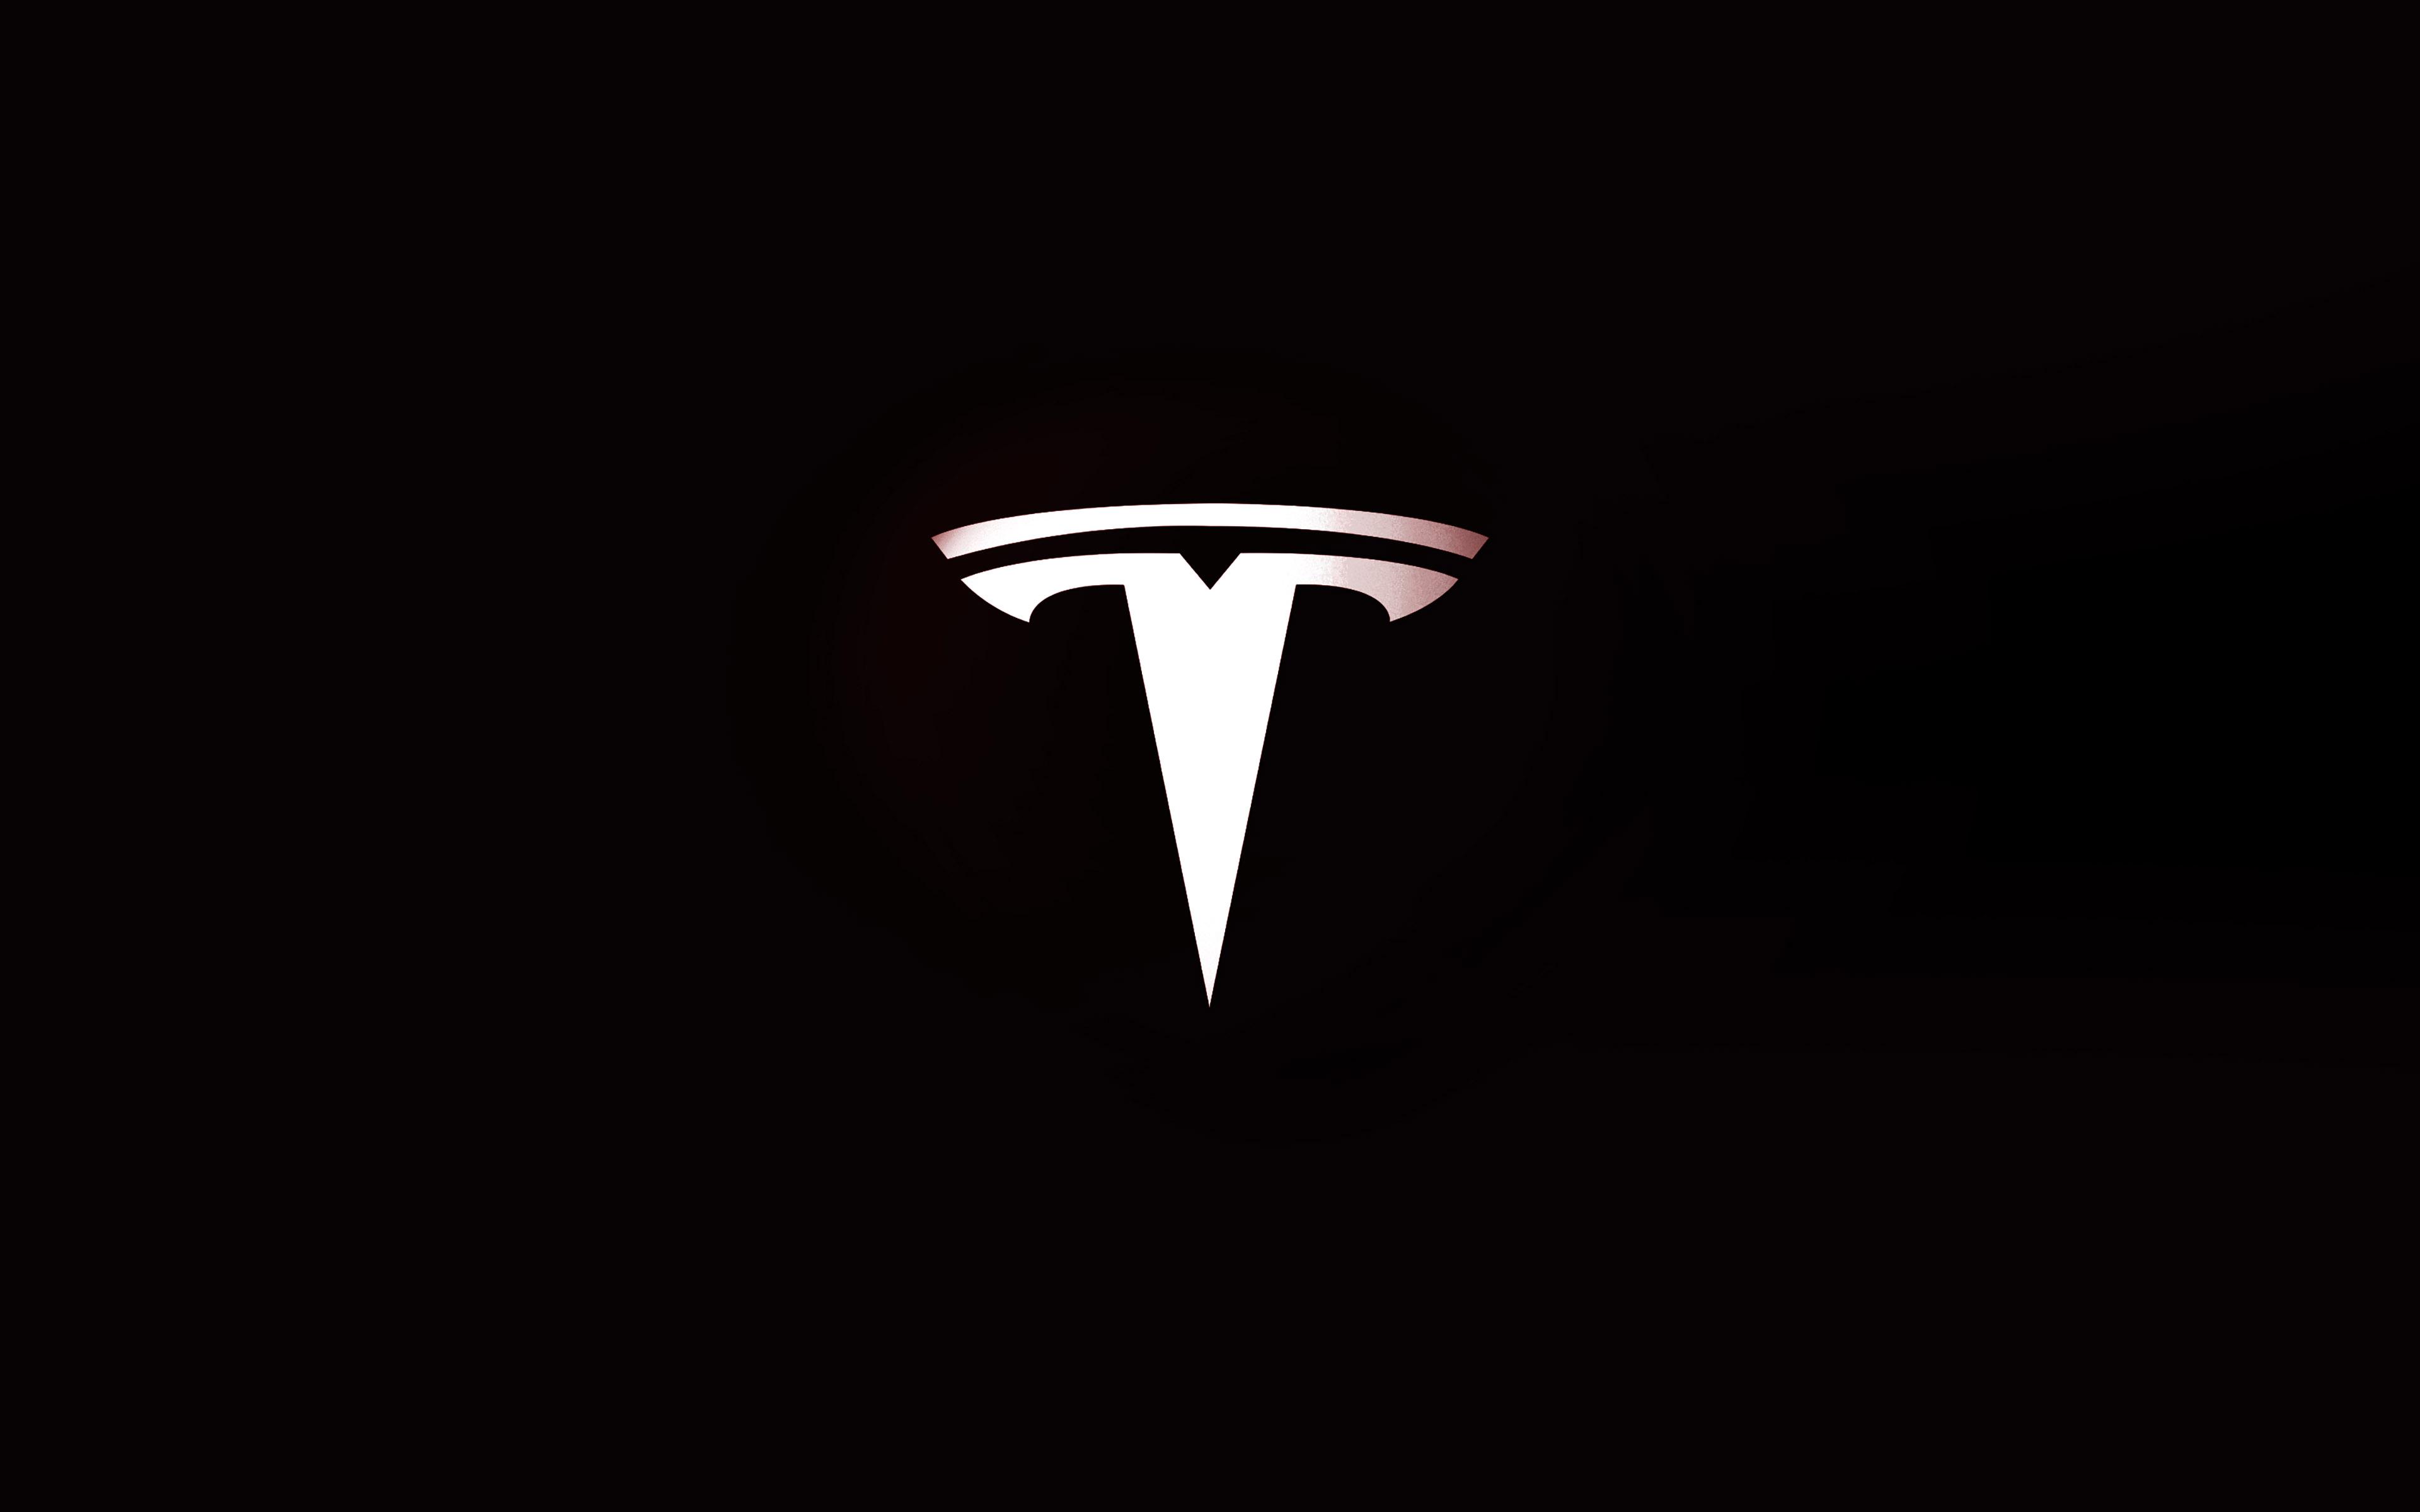 tesla logo widescreen wallpaper 73699